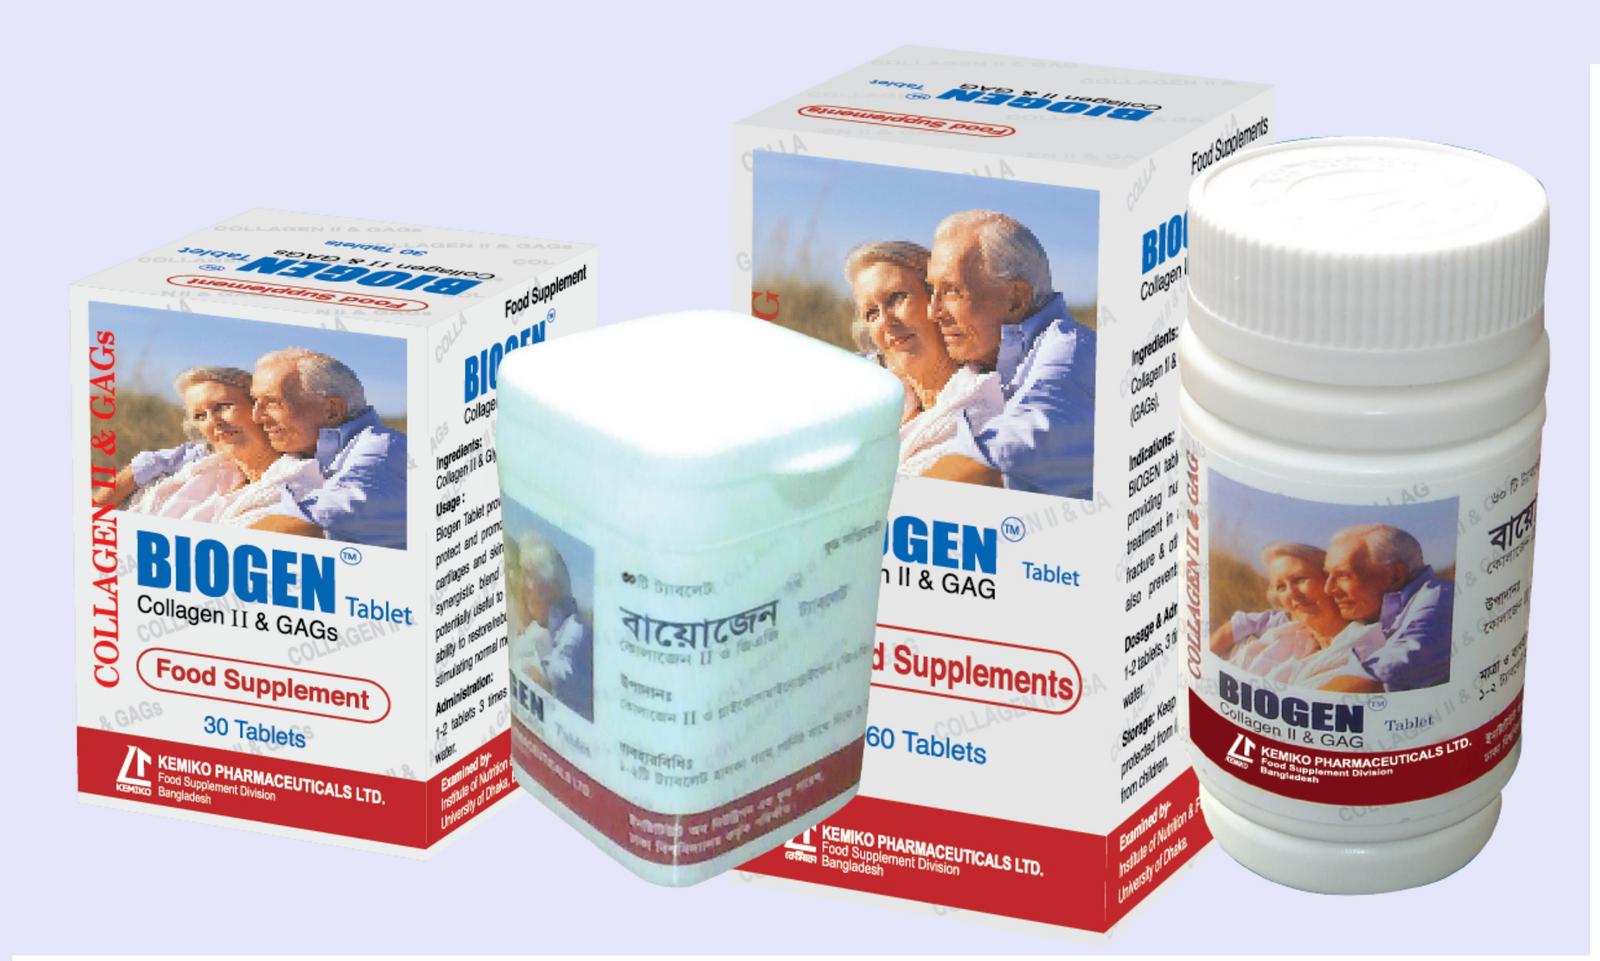 Biogen Tablet